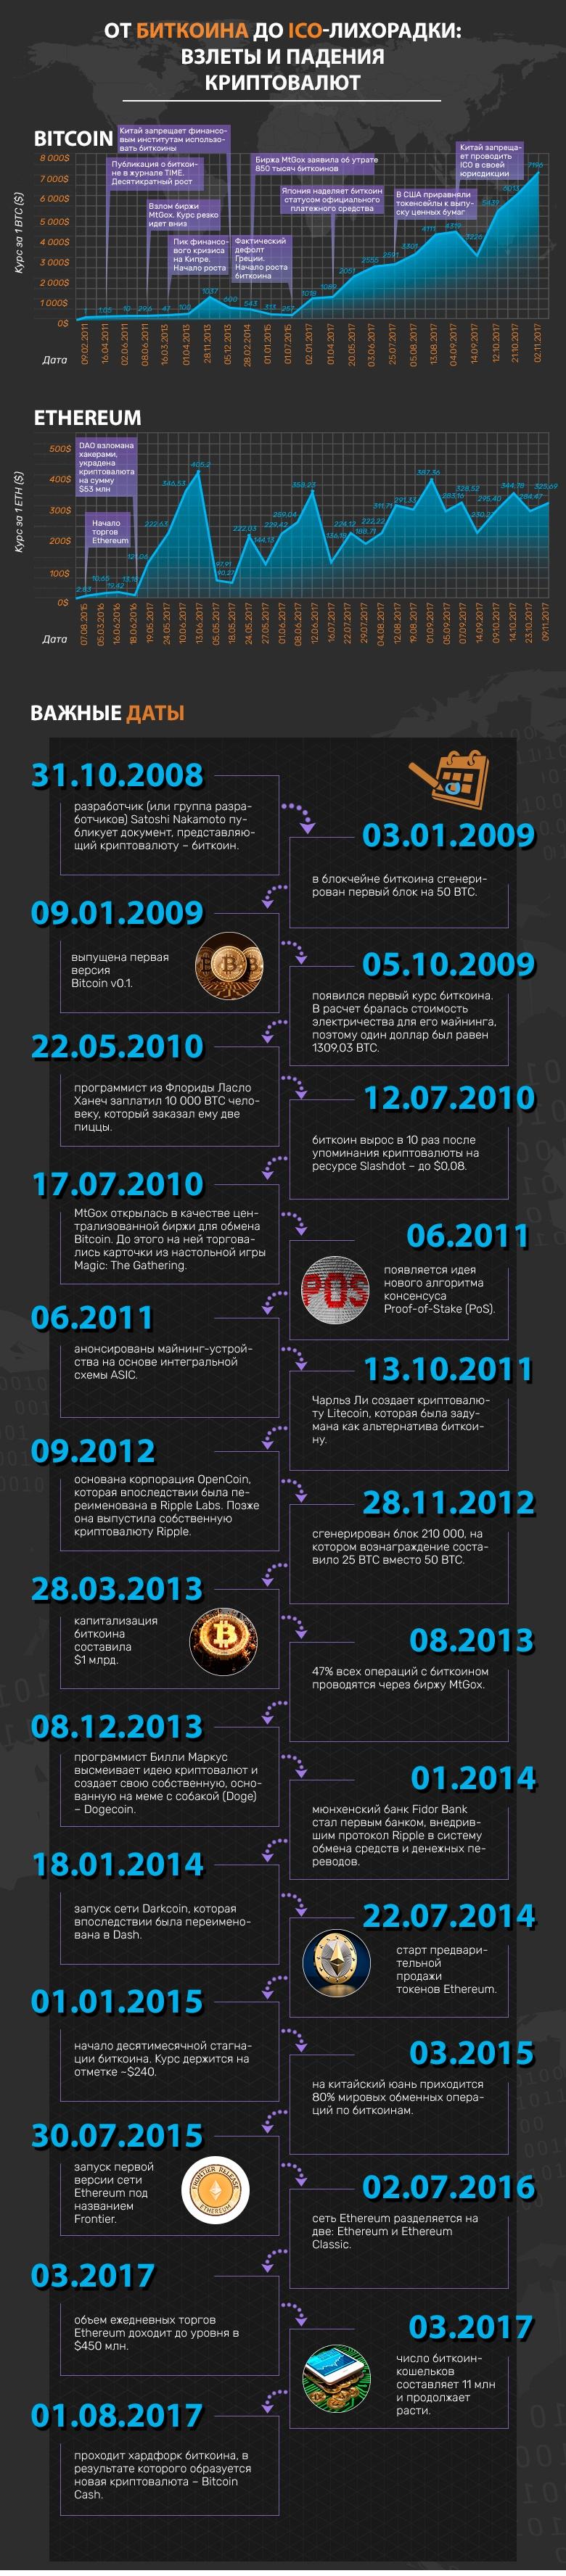 История криптовалют: от биткоина до ICO-лихорадки. Инфографика - 1